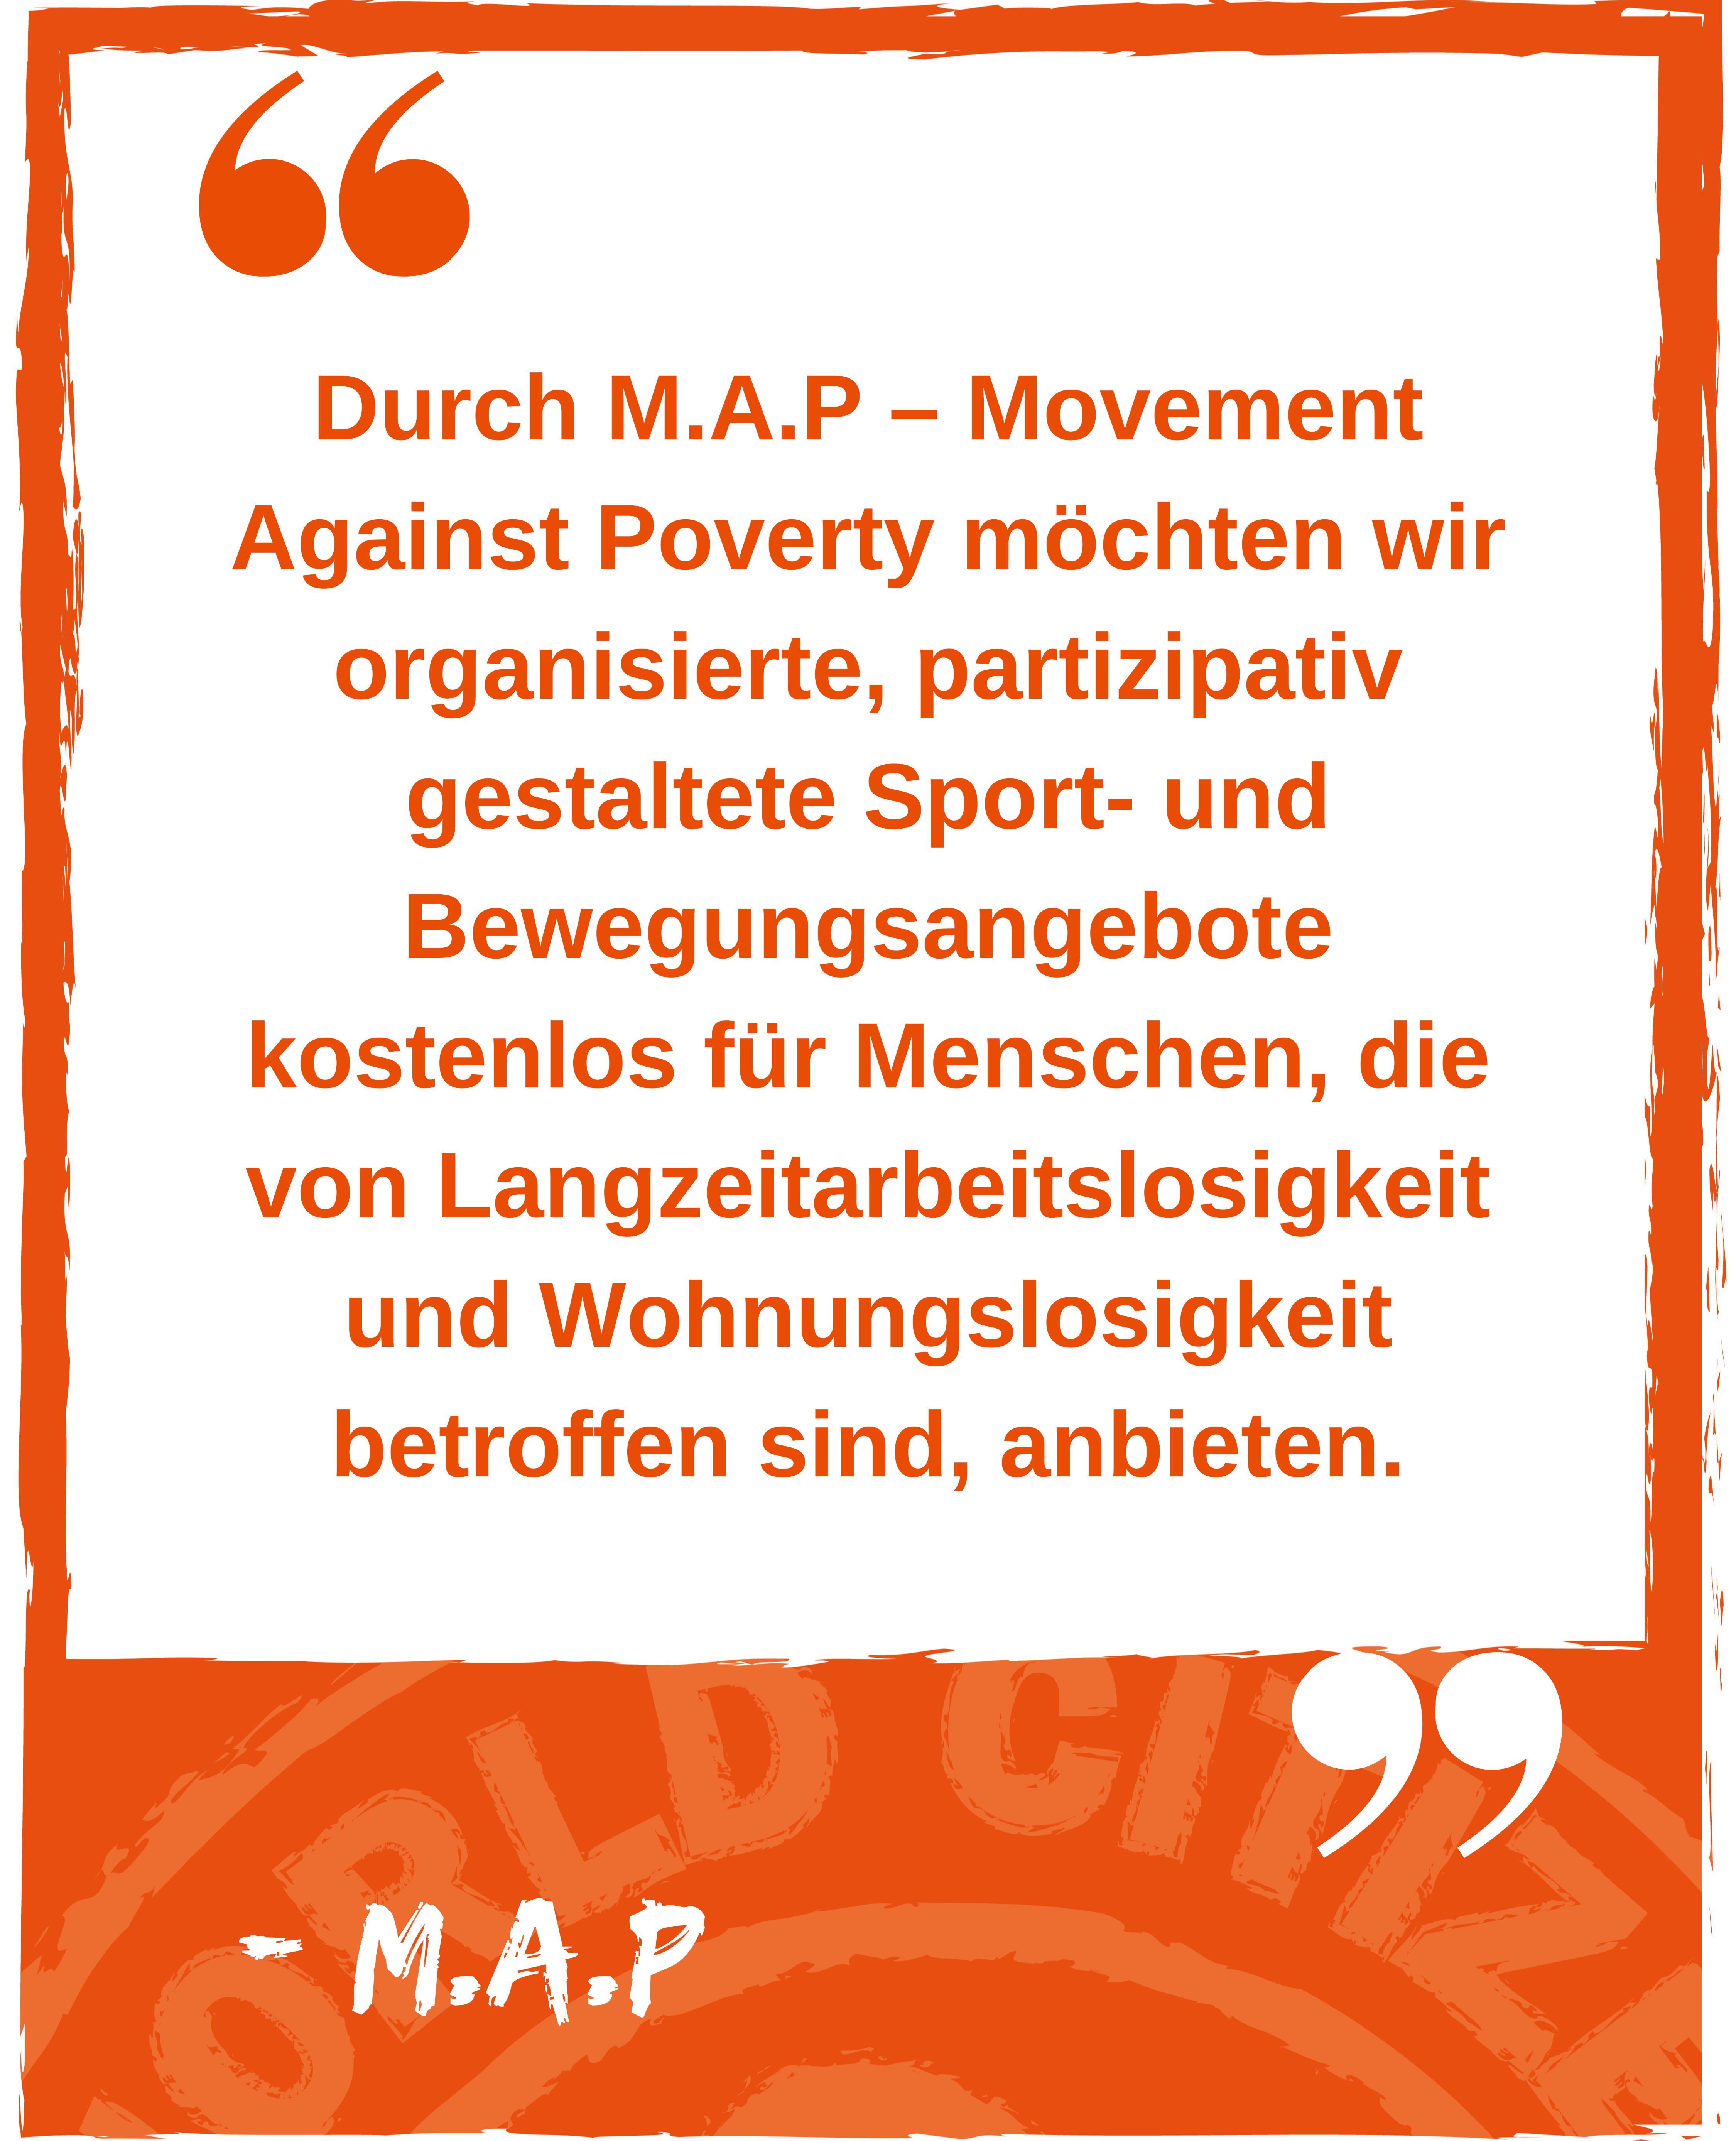 Durch M.A.P – Movement Against Poverty möchten wir organisierte, partizipativ gestaltete Sport- und Bewegungsangebote kostenlos für Menschen, die von Langzeitarbeitslosigkeit und Wohnungslosigkeit betroffen sind, anbieten. Zitat von M.A.P